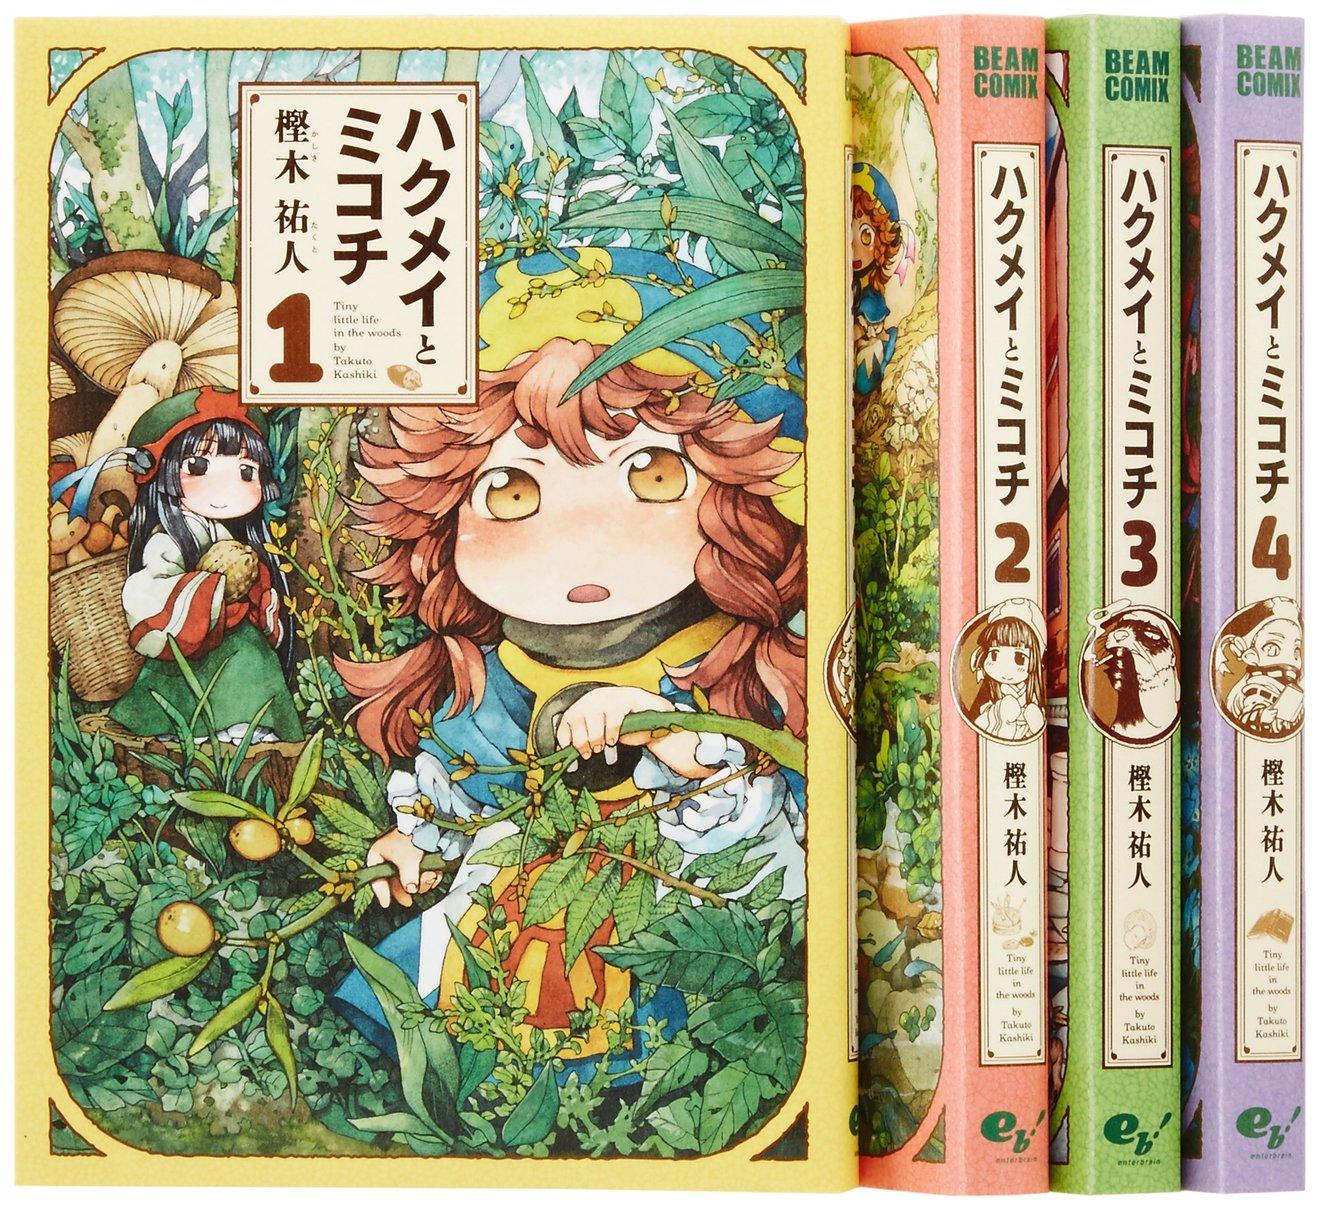 漫画『ハクメイとミコチ』の魅力を全巻ネタバレ紹介!【アニメ化】